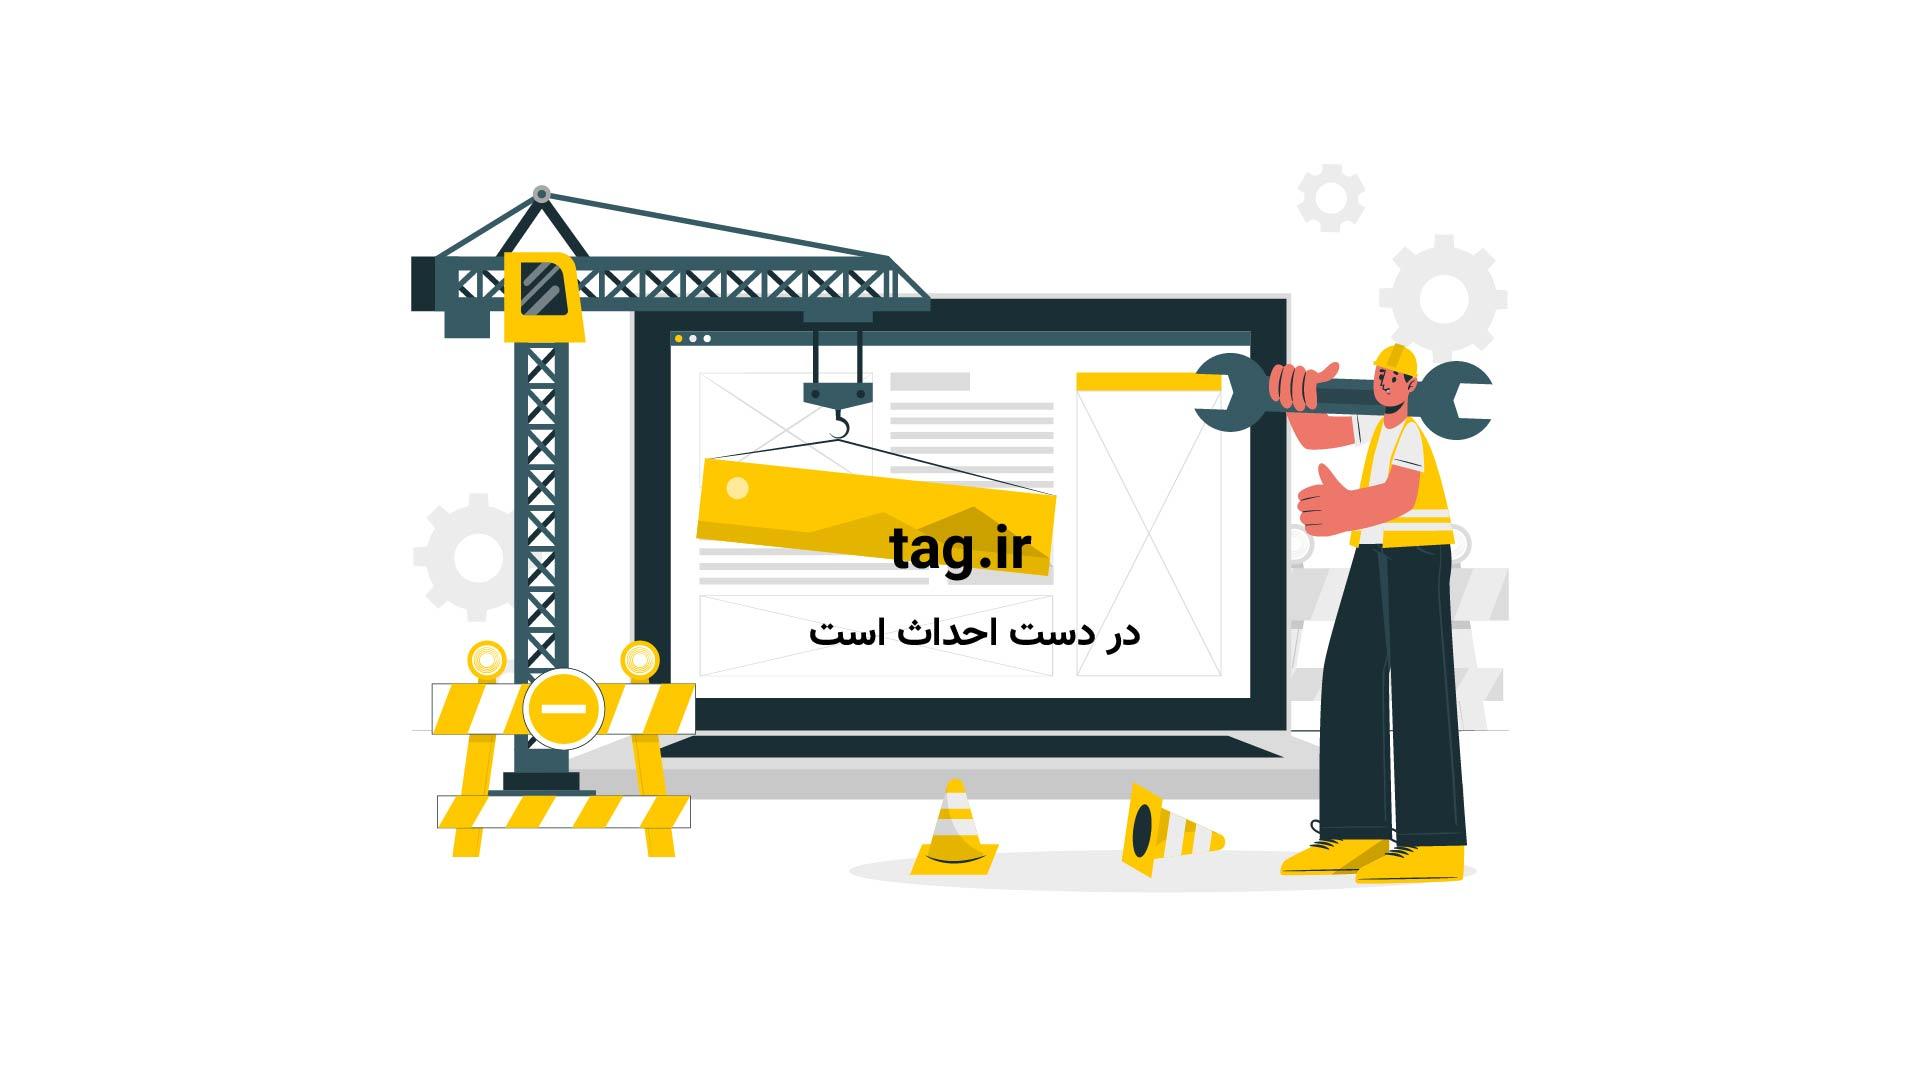 آتش سوزی در جنوب کالیفرنیا | تگ